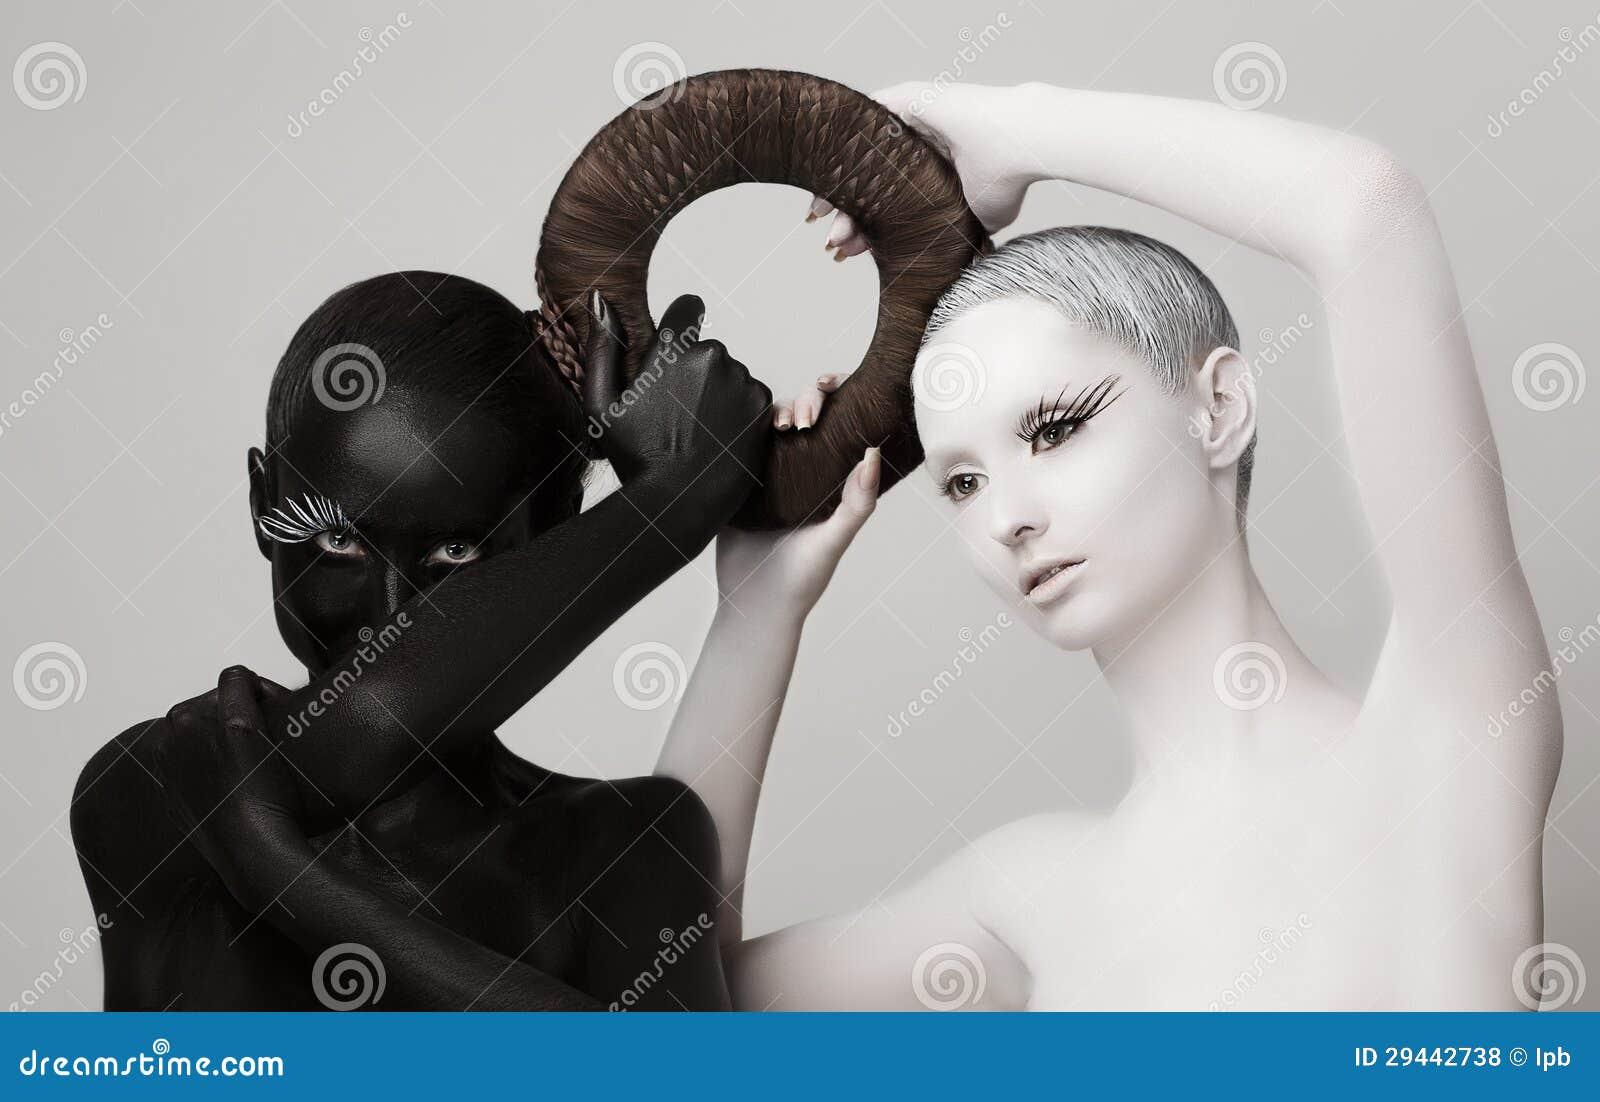 Fantazja. Yin & Yang ezoteryka symbol. Czerń & białych kobiet sylwetki